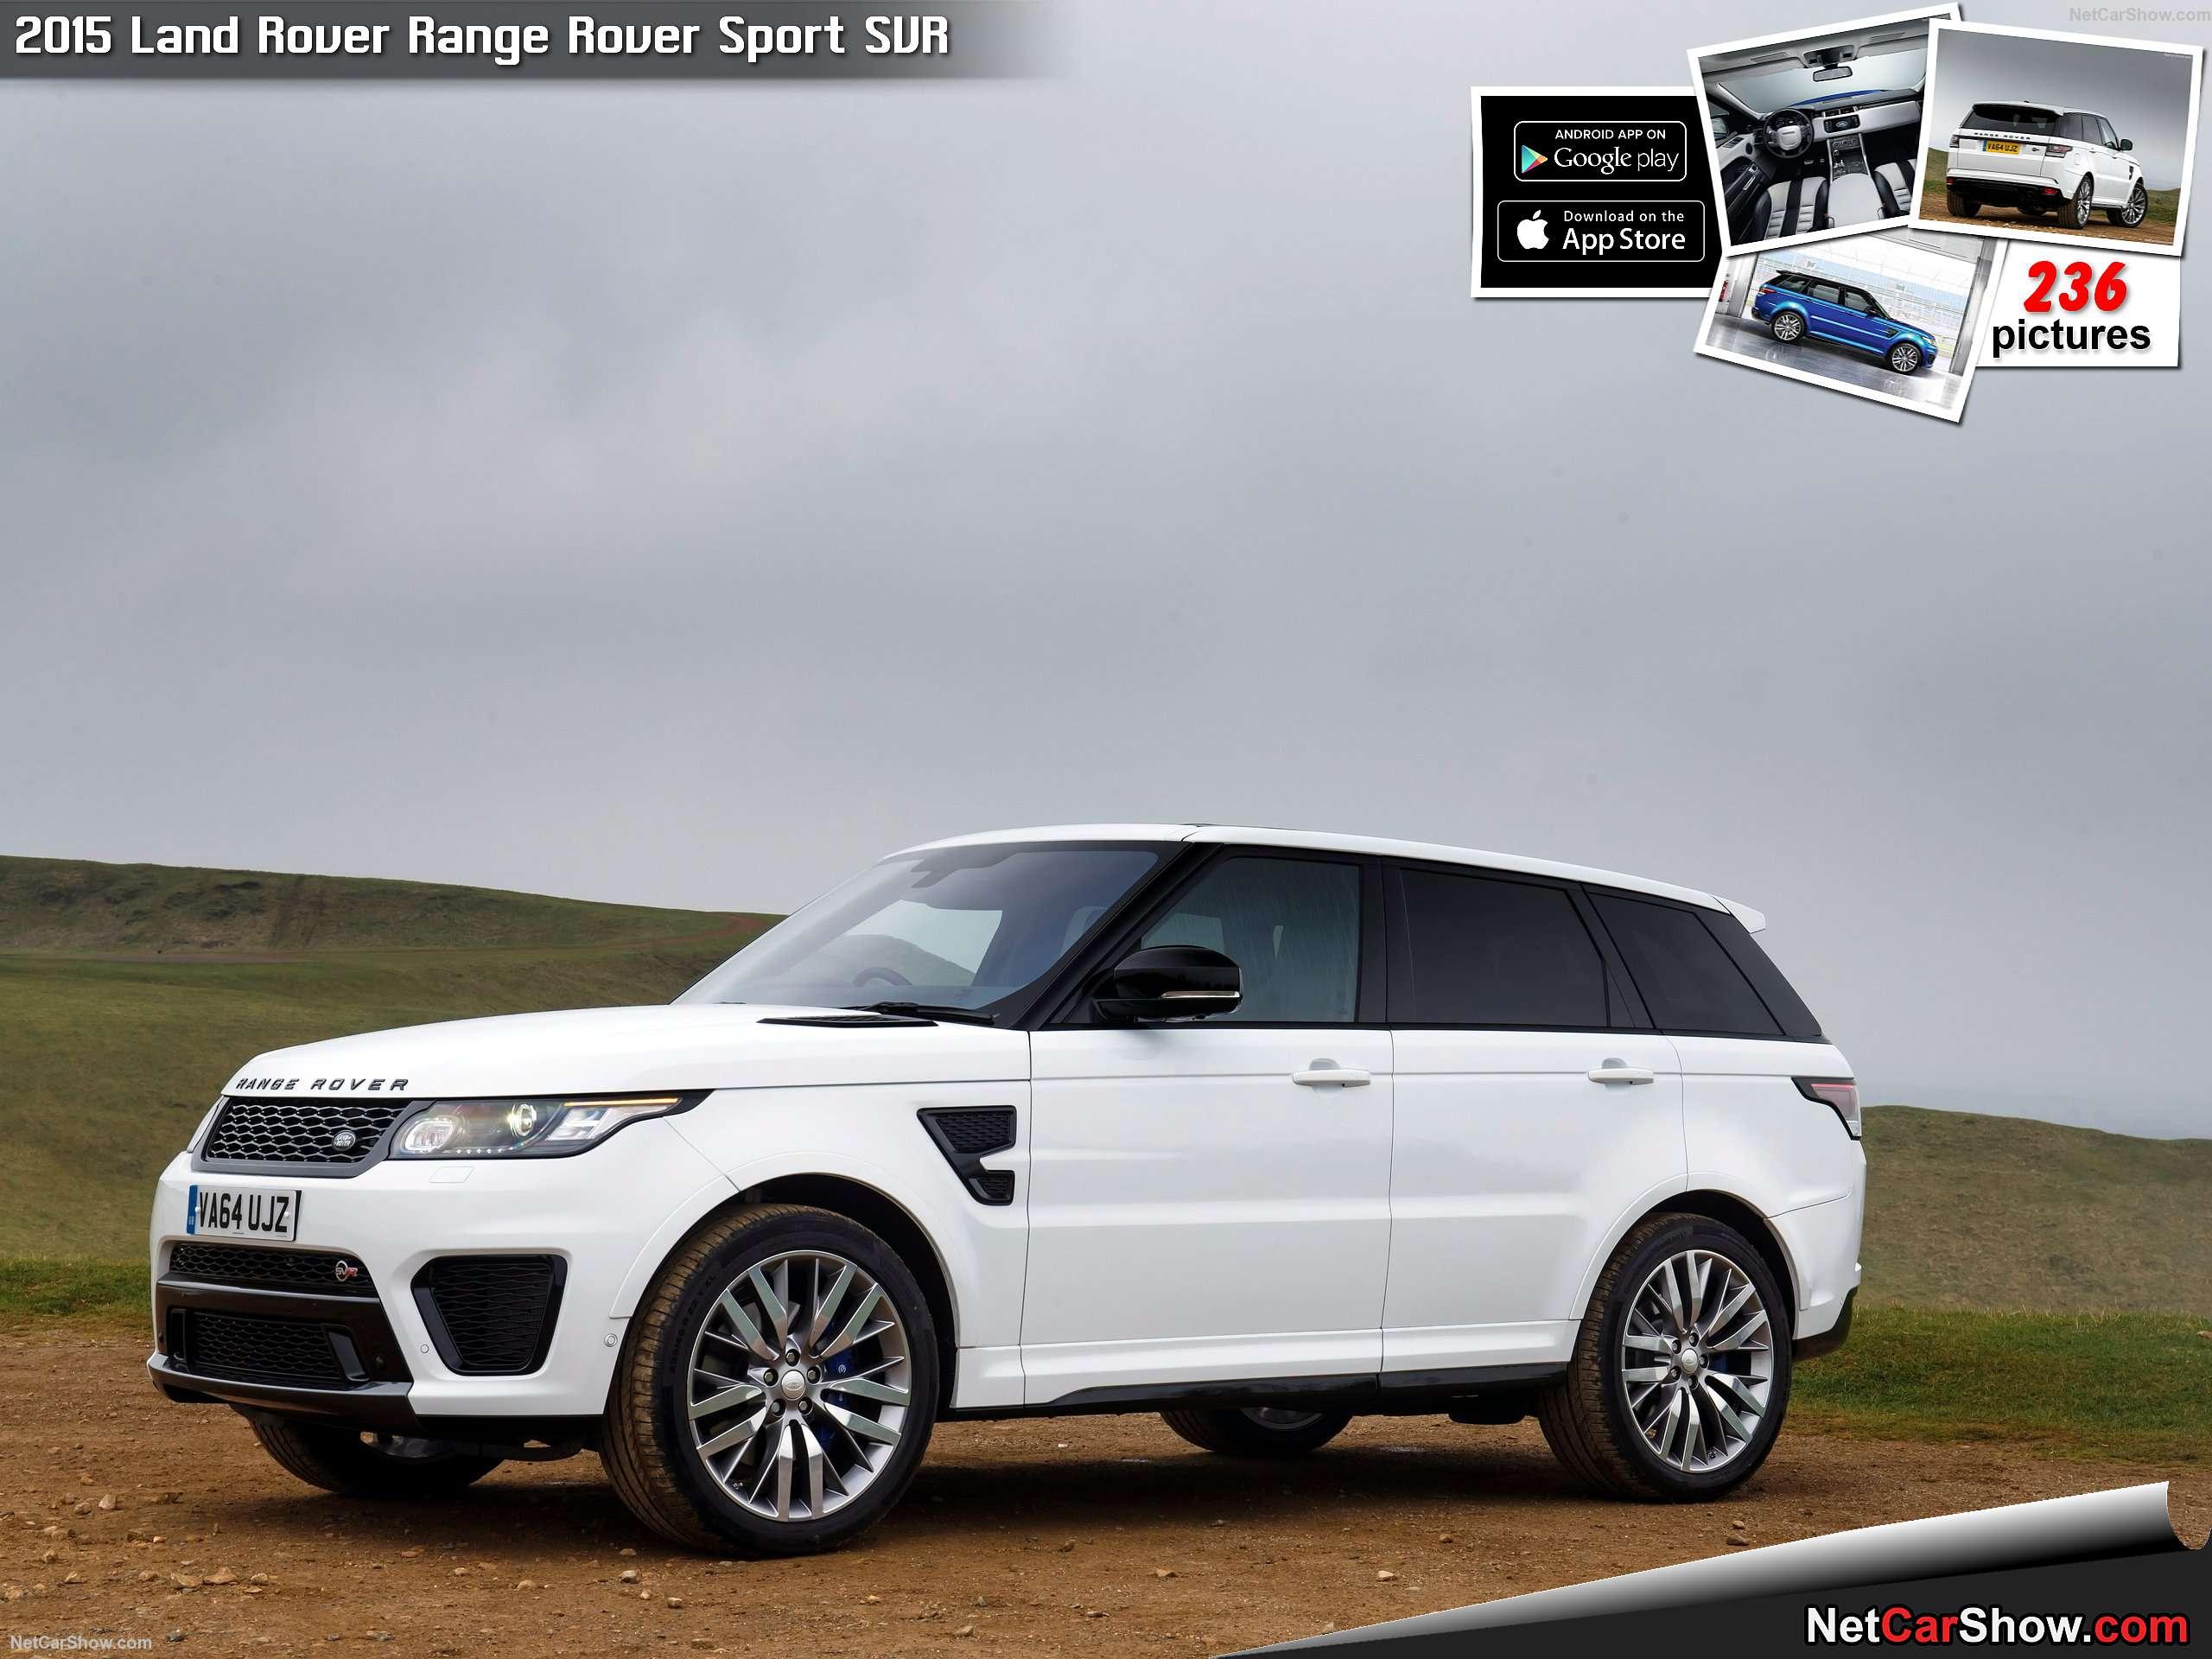 Grey Ford Escape >> Comparison - Ford Escape 2016 - vs - Land Rover Range Rover Sport SUV 2015 | SUV Drive